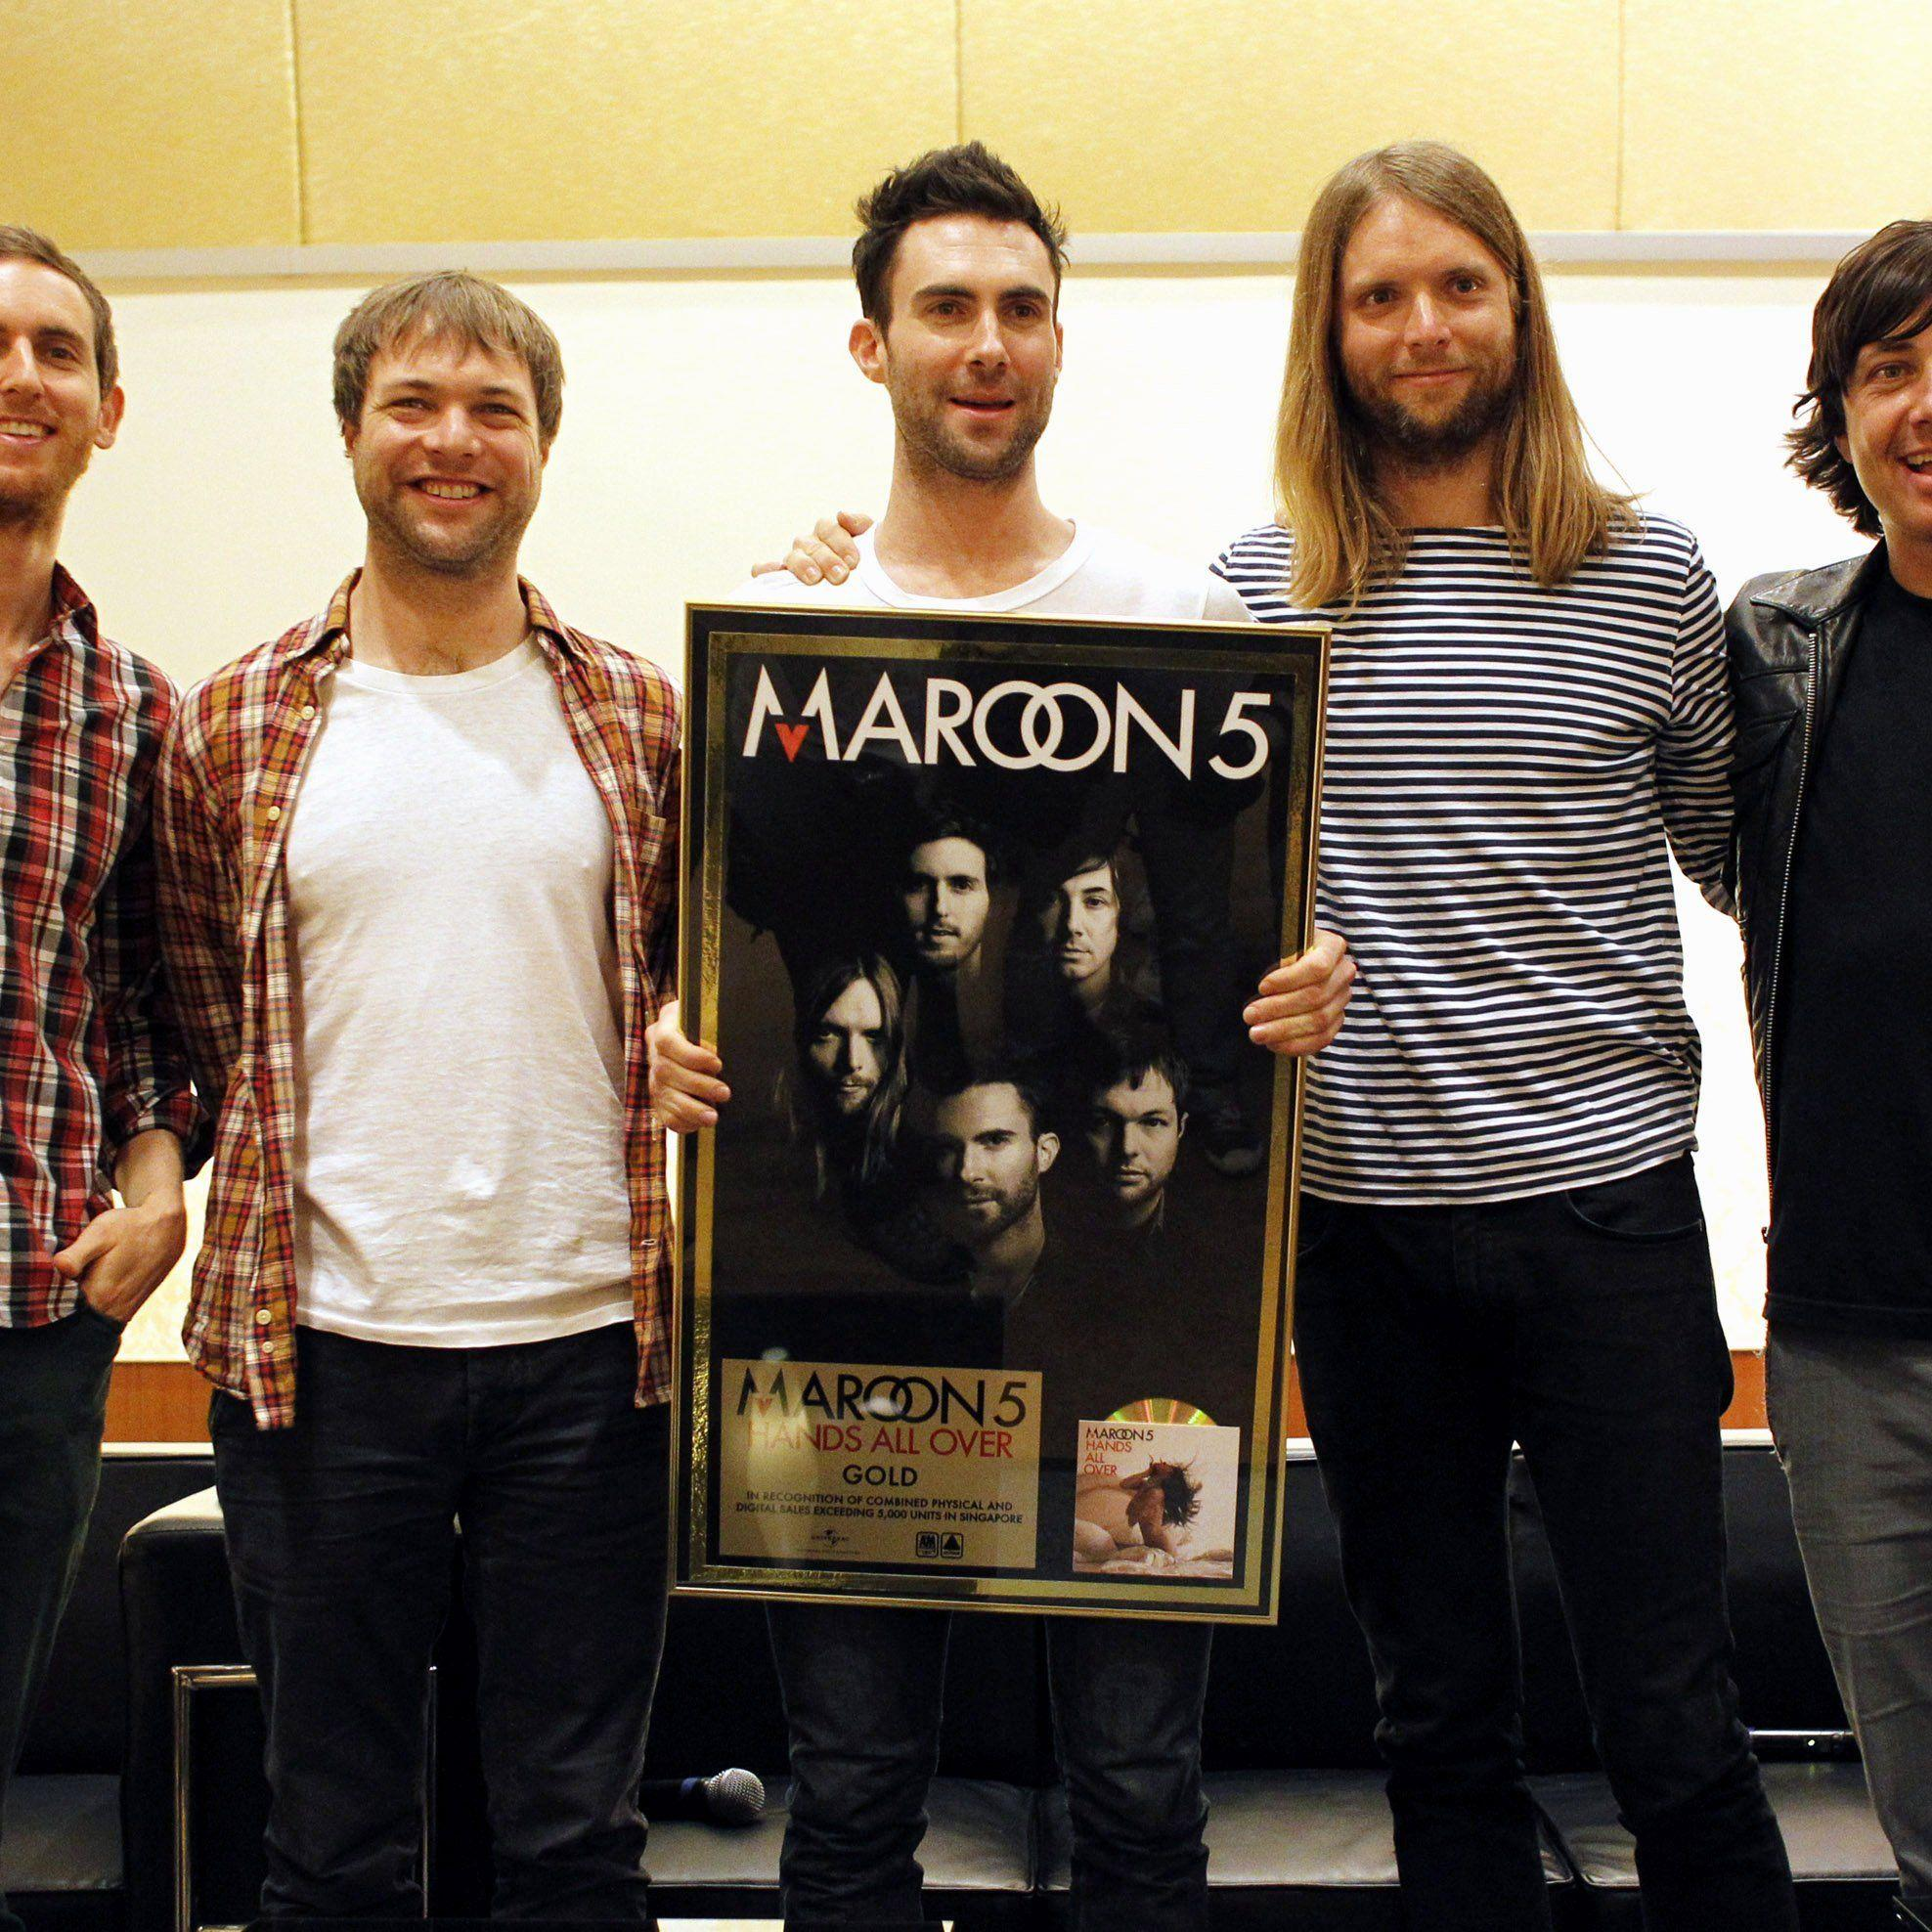 Konzert von US-Popgruppe Maroon 5 in Shanghai abgesagt